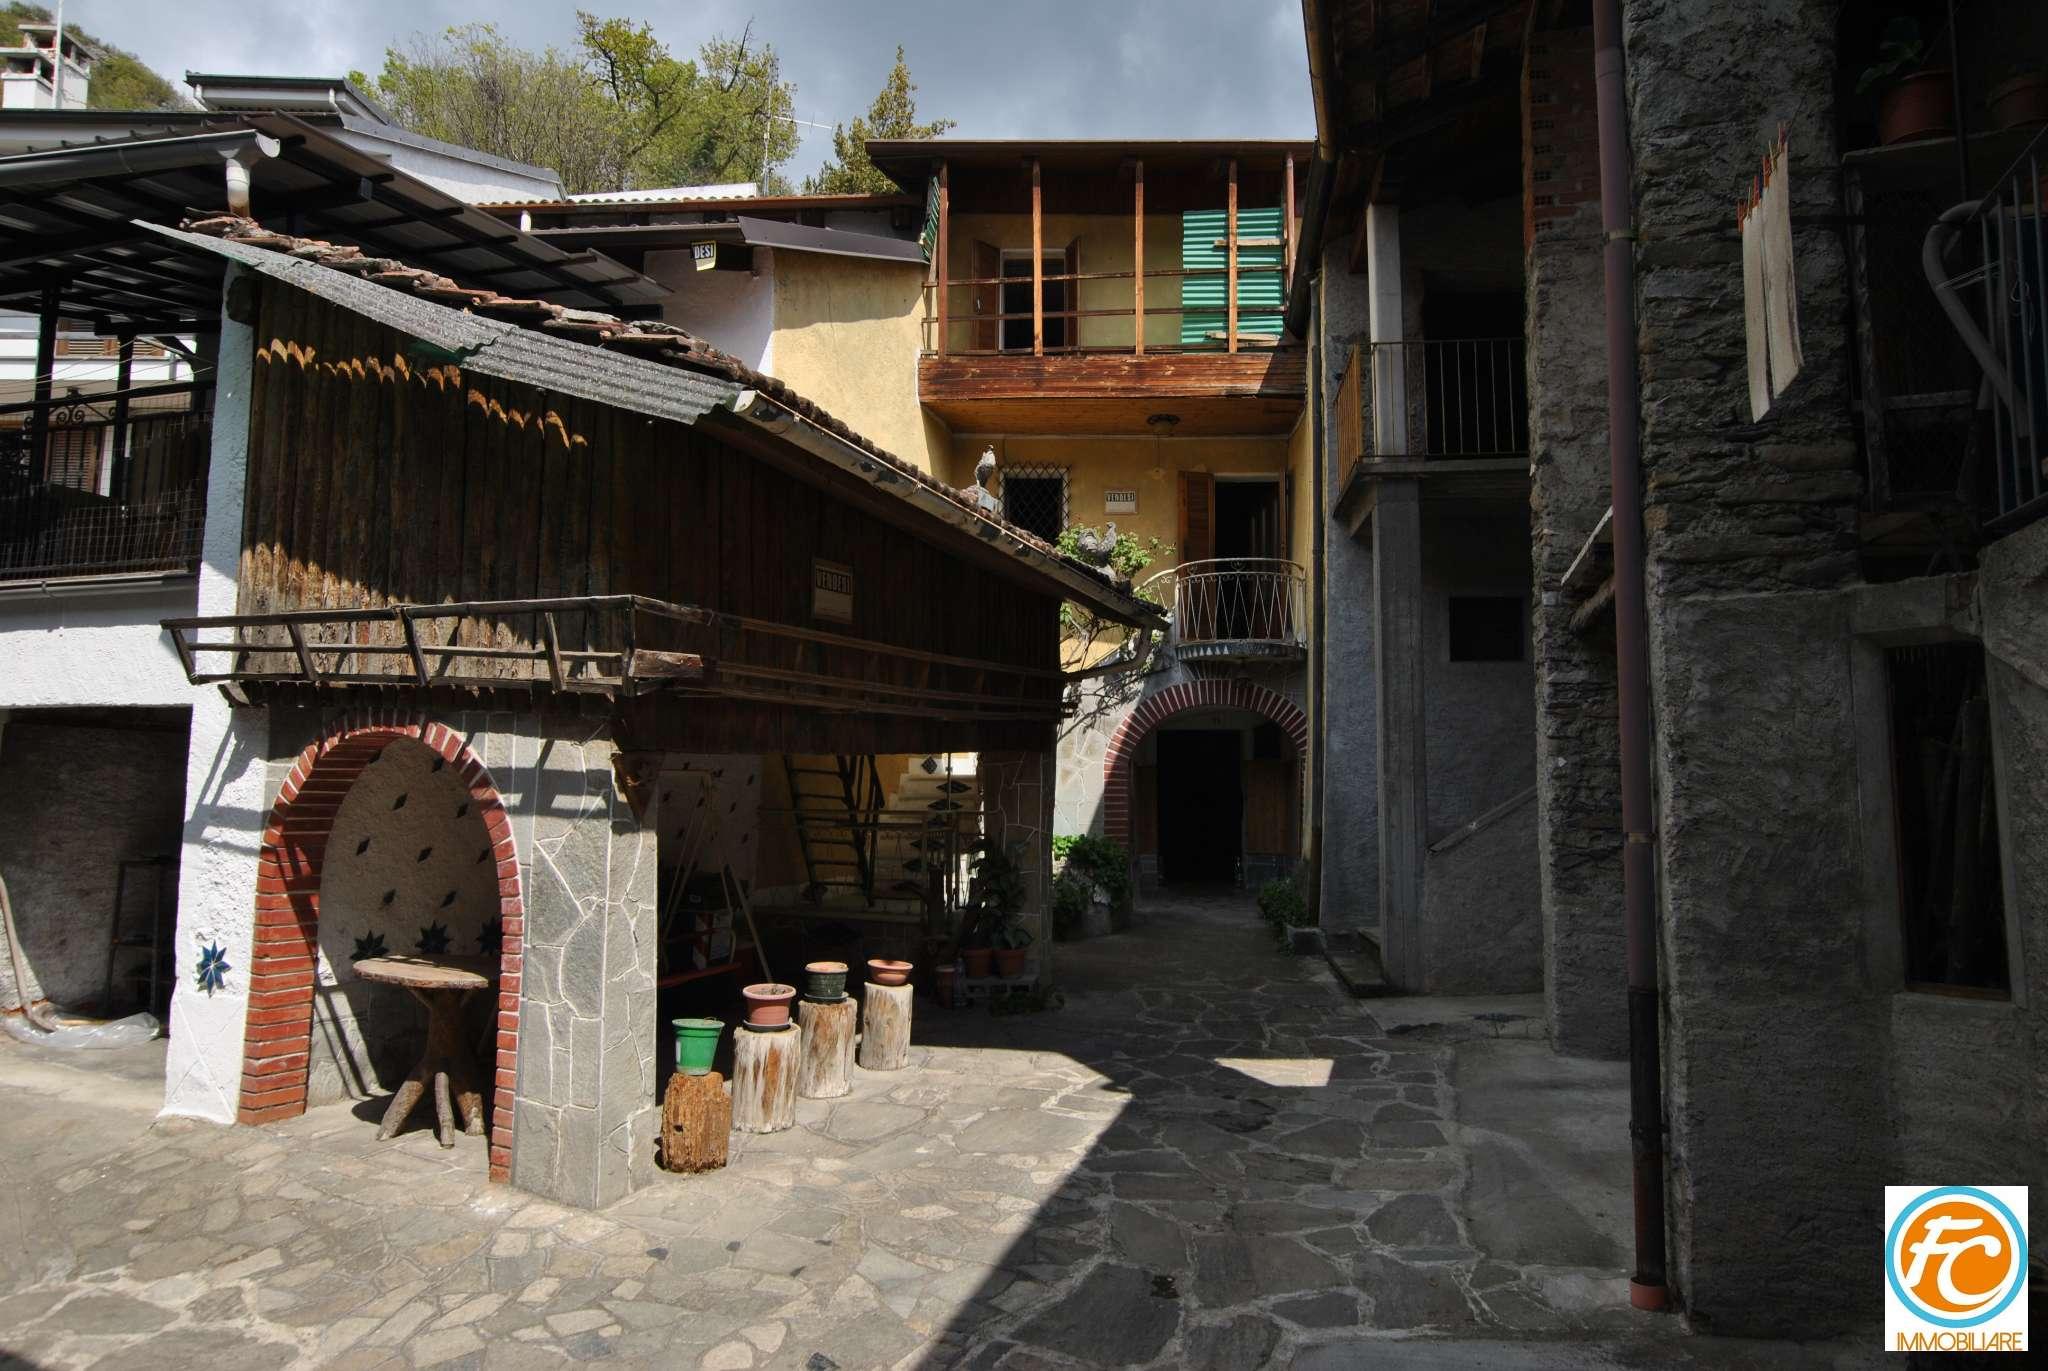 Palazzo / Stabile in vendita a Chianocco, 4 locali, prezzo € 49.500 | PortaleAgenzieImmobiliari.it